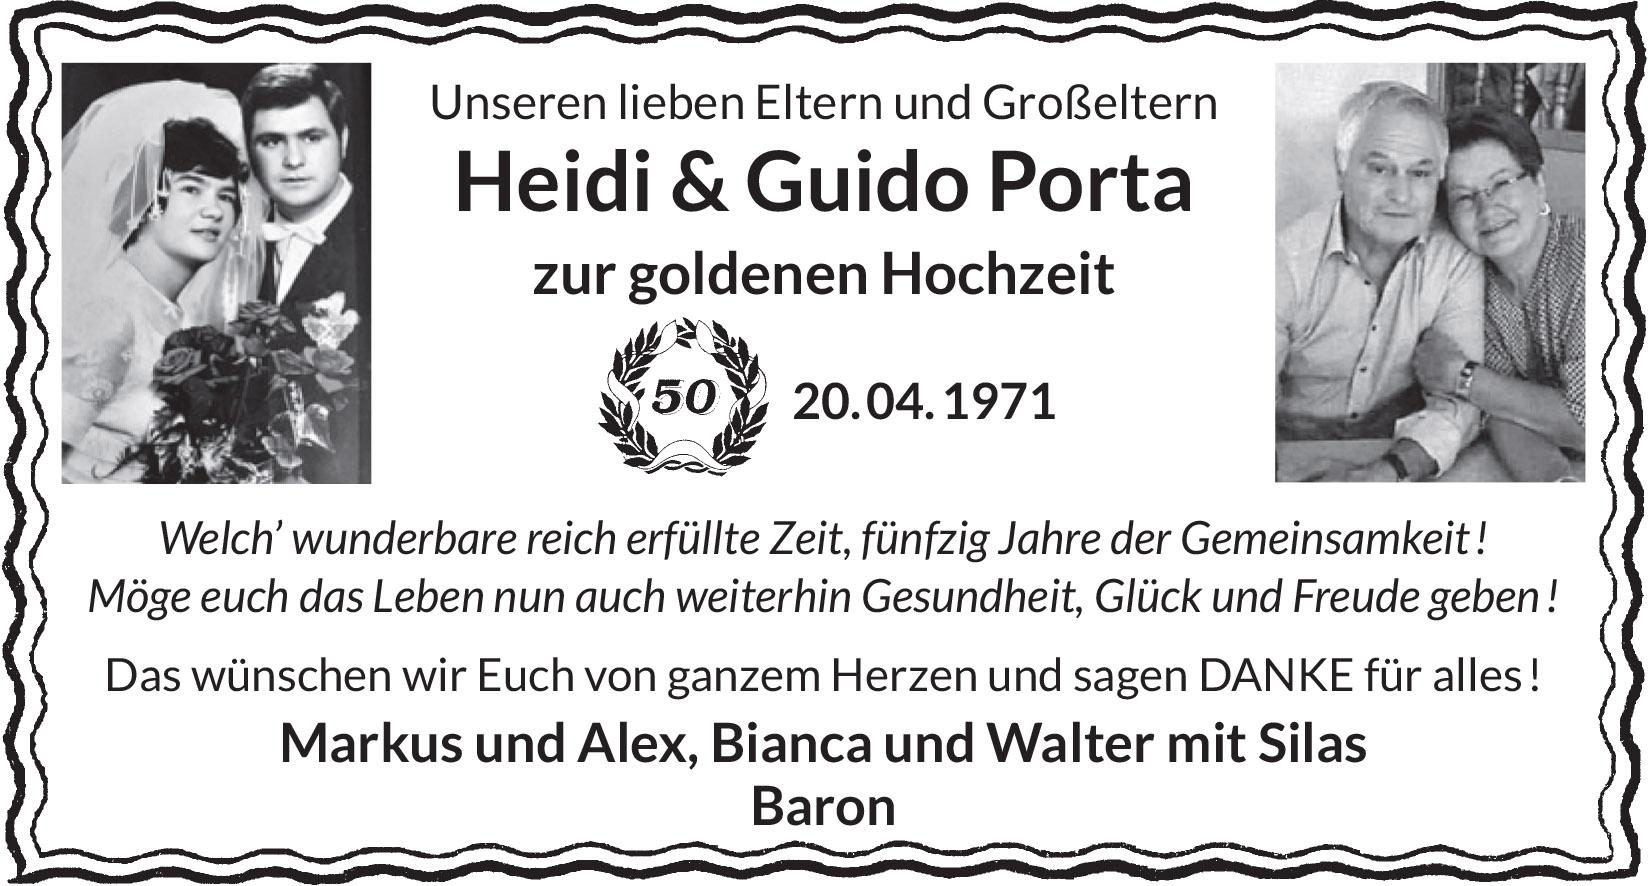 Anzeige in der WERBEPOST vom 17.04.2021. (Foto: Rheinische Anzeigenblätter / WERBEPOST)